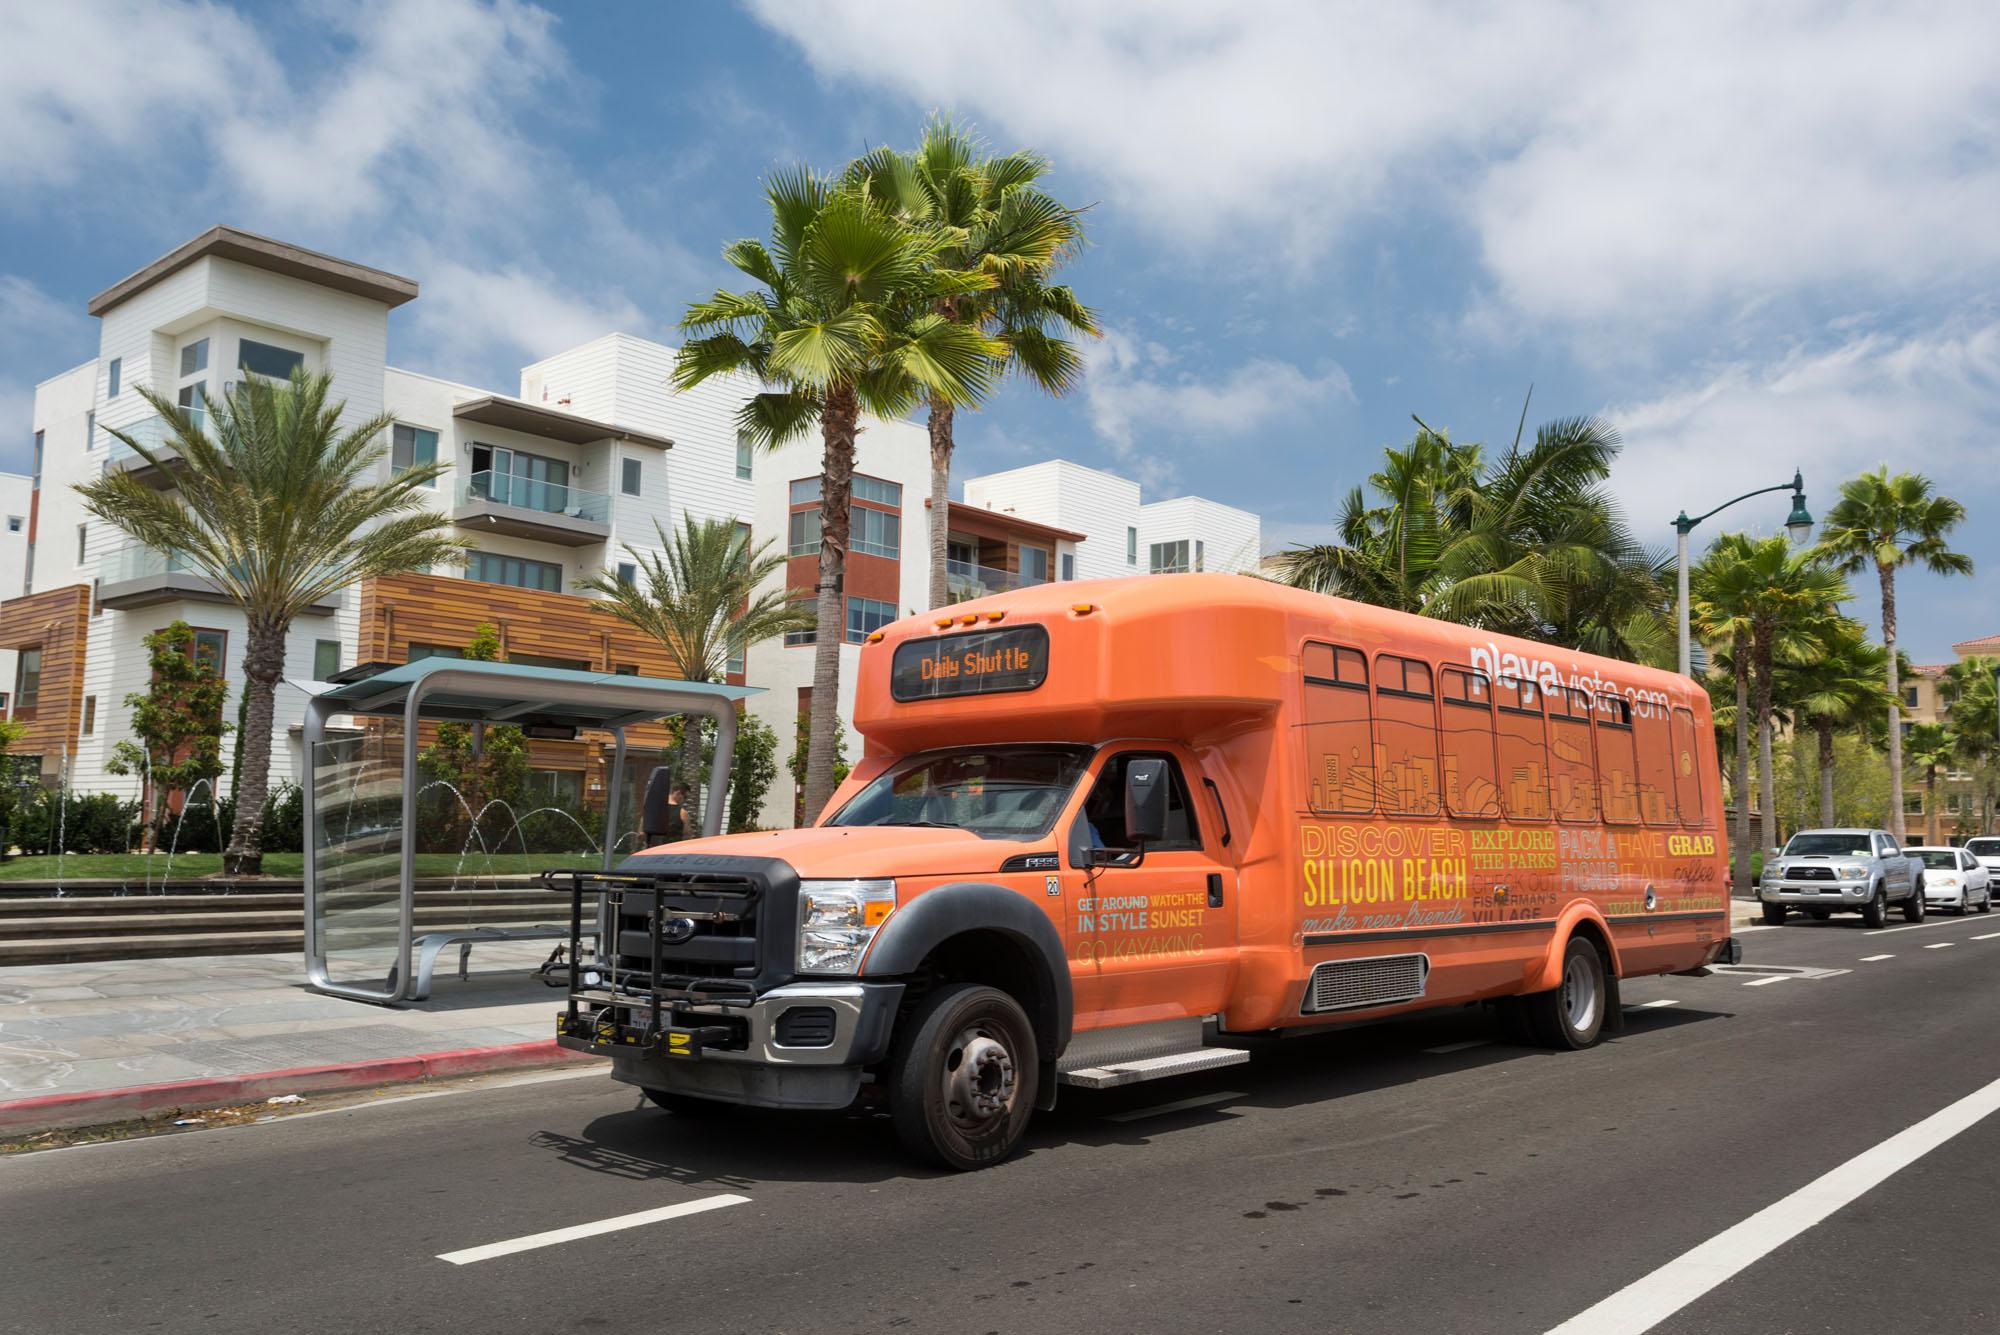 playa-vista-daily-shuttle